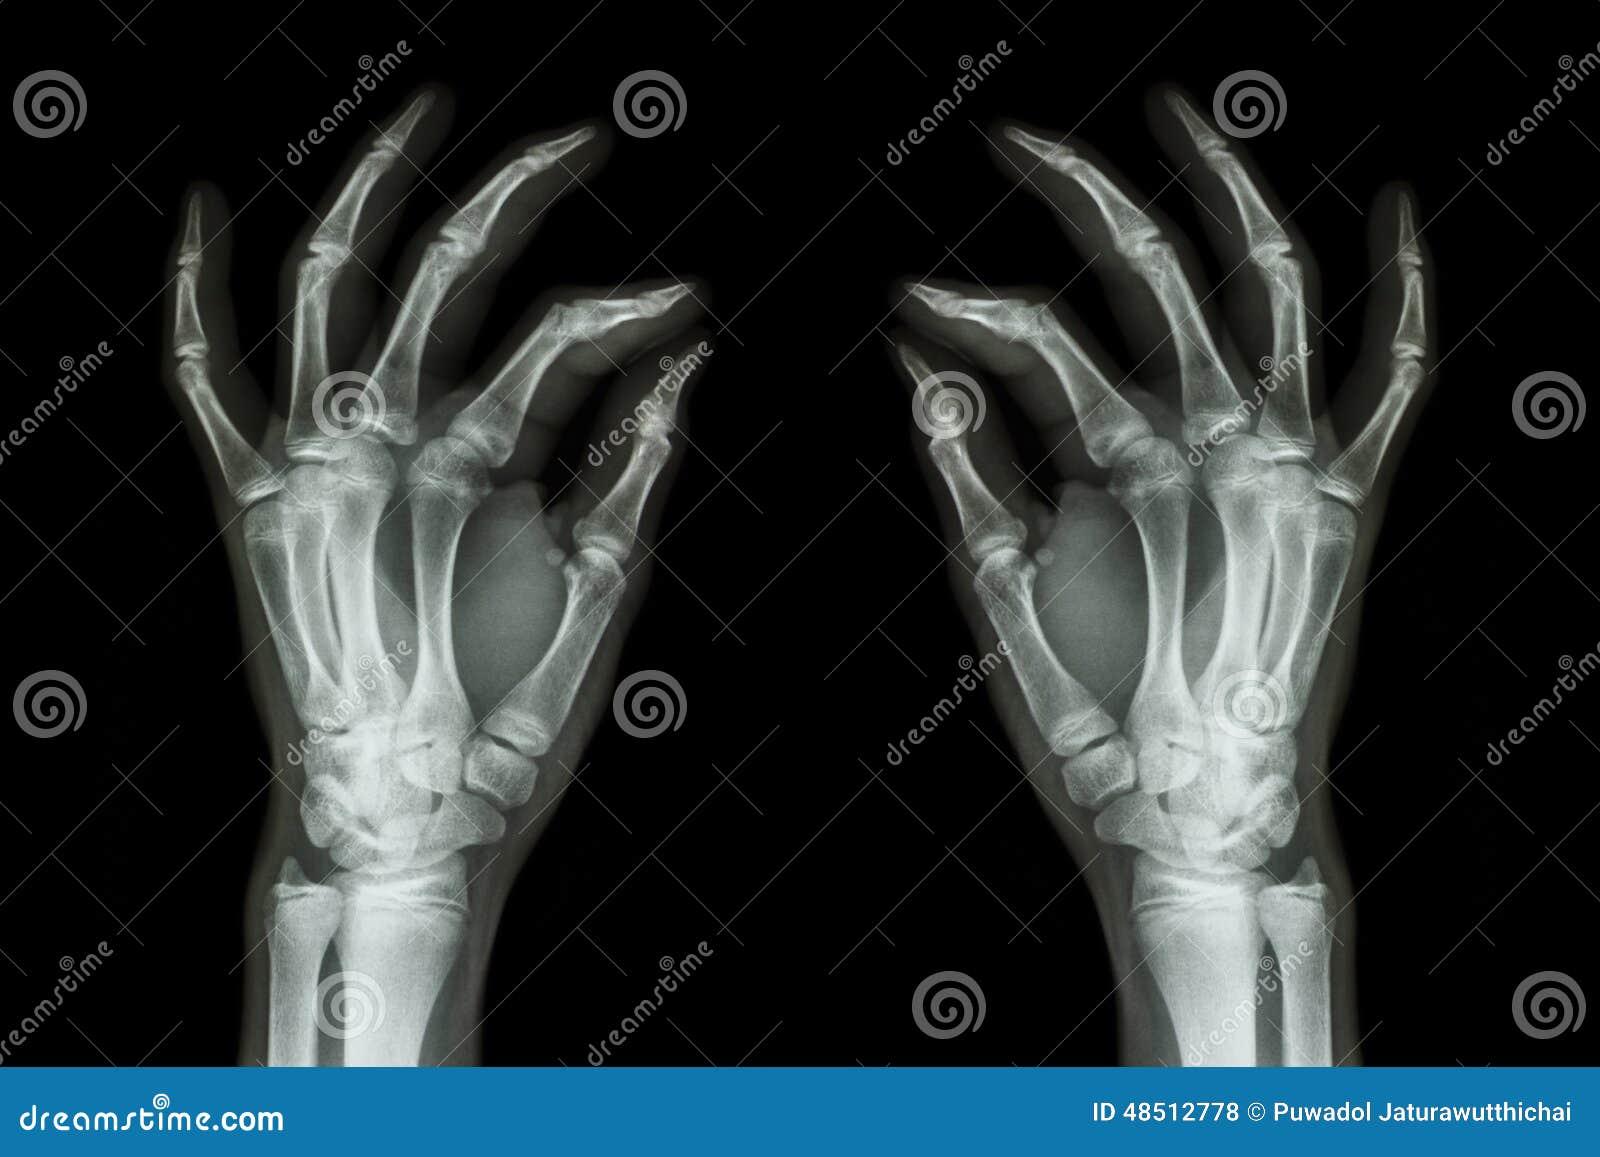 Рентгенизируйте нормальные человеческие руки (фронт) на черной предпосылке